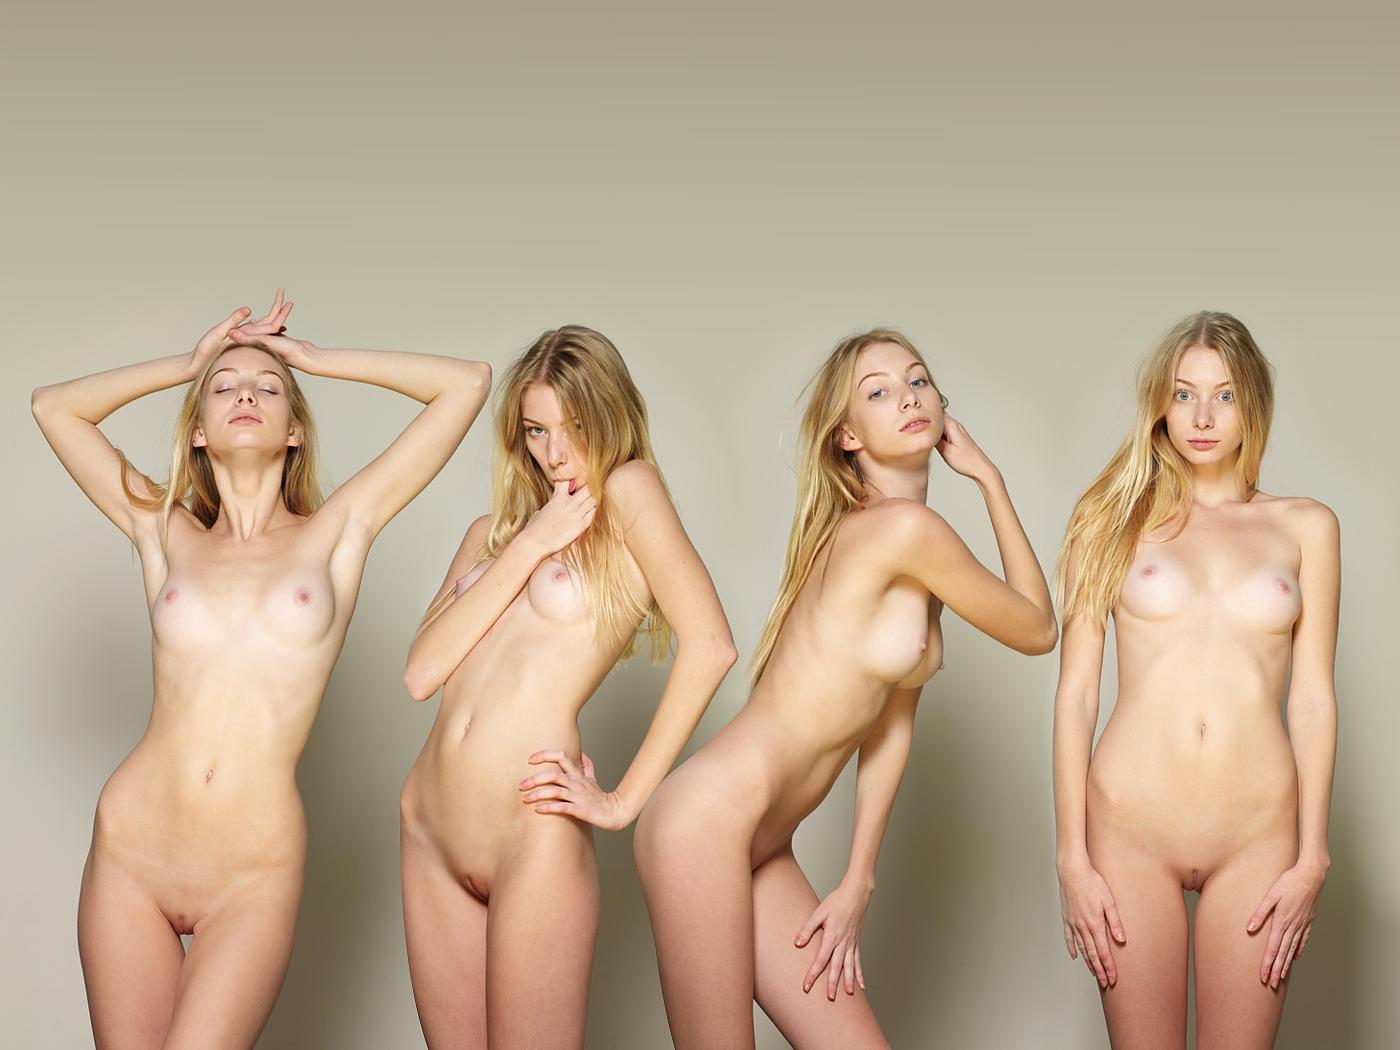 Позирование голых девушек